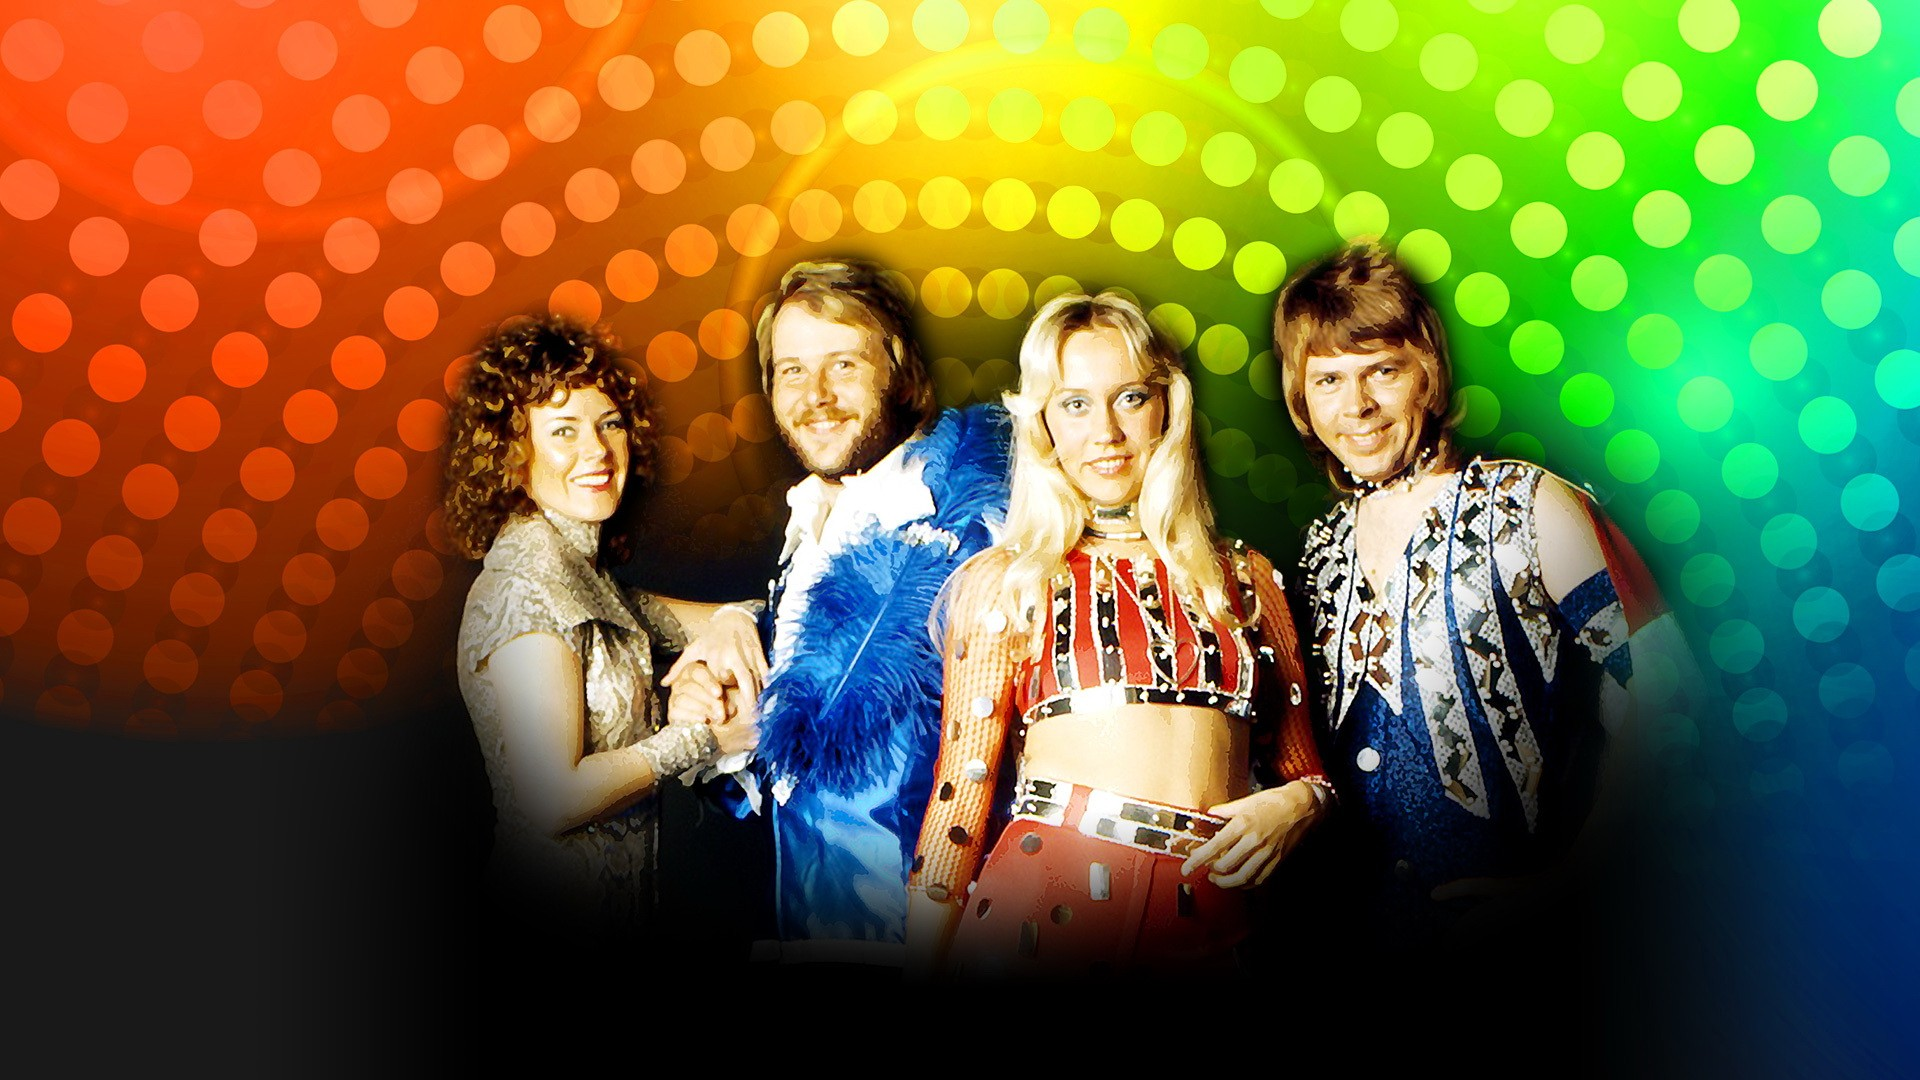 """""""ABBA GOLD HITS\""""АББА"""" ЗОЛОТЫЕ ХИТЫ"""". Симфонический оркестр Москвы """"Русская филармония"""""""